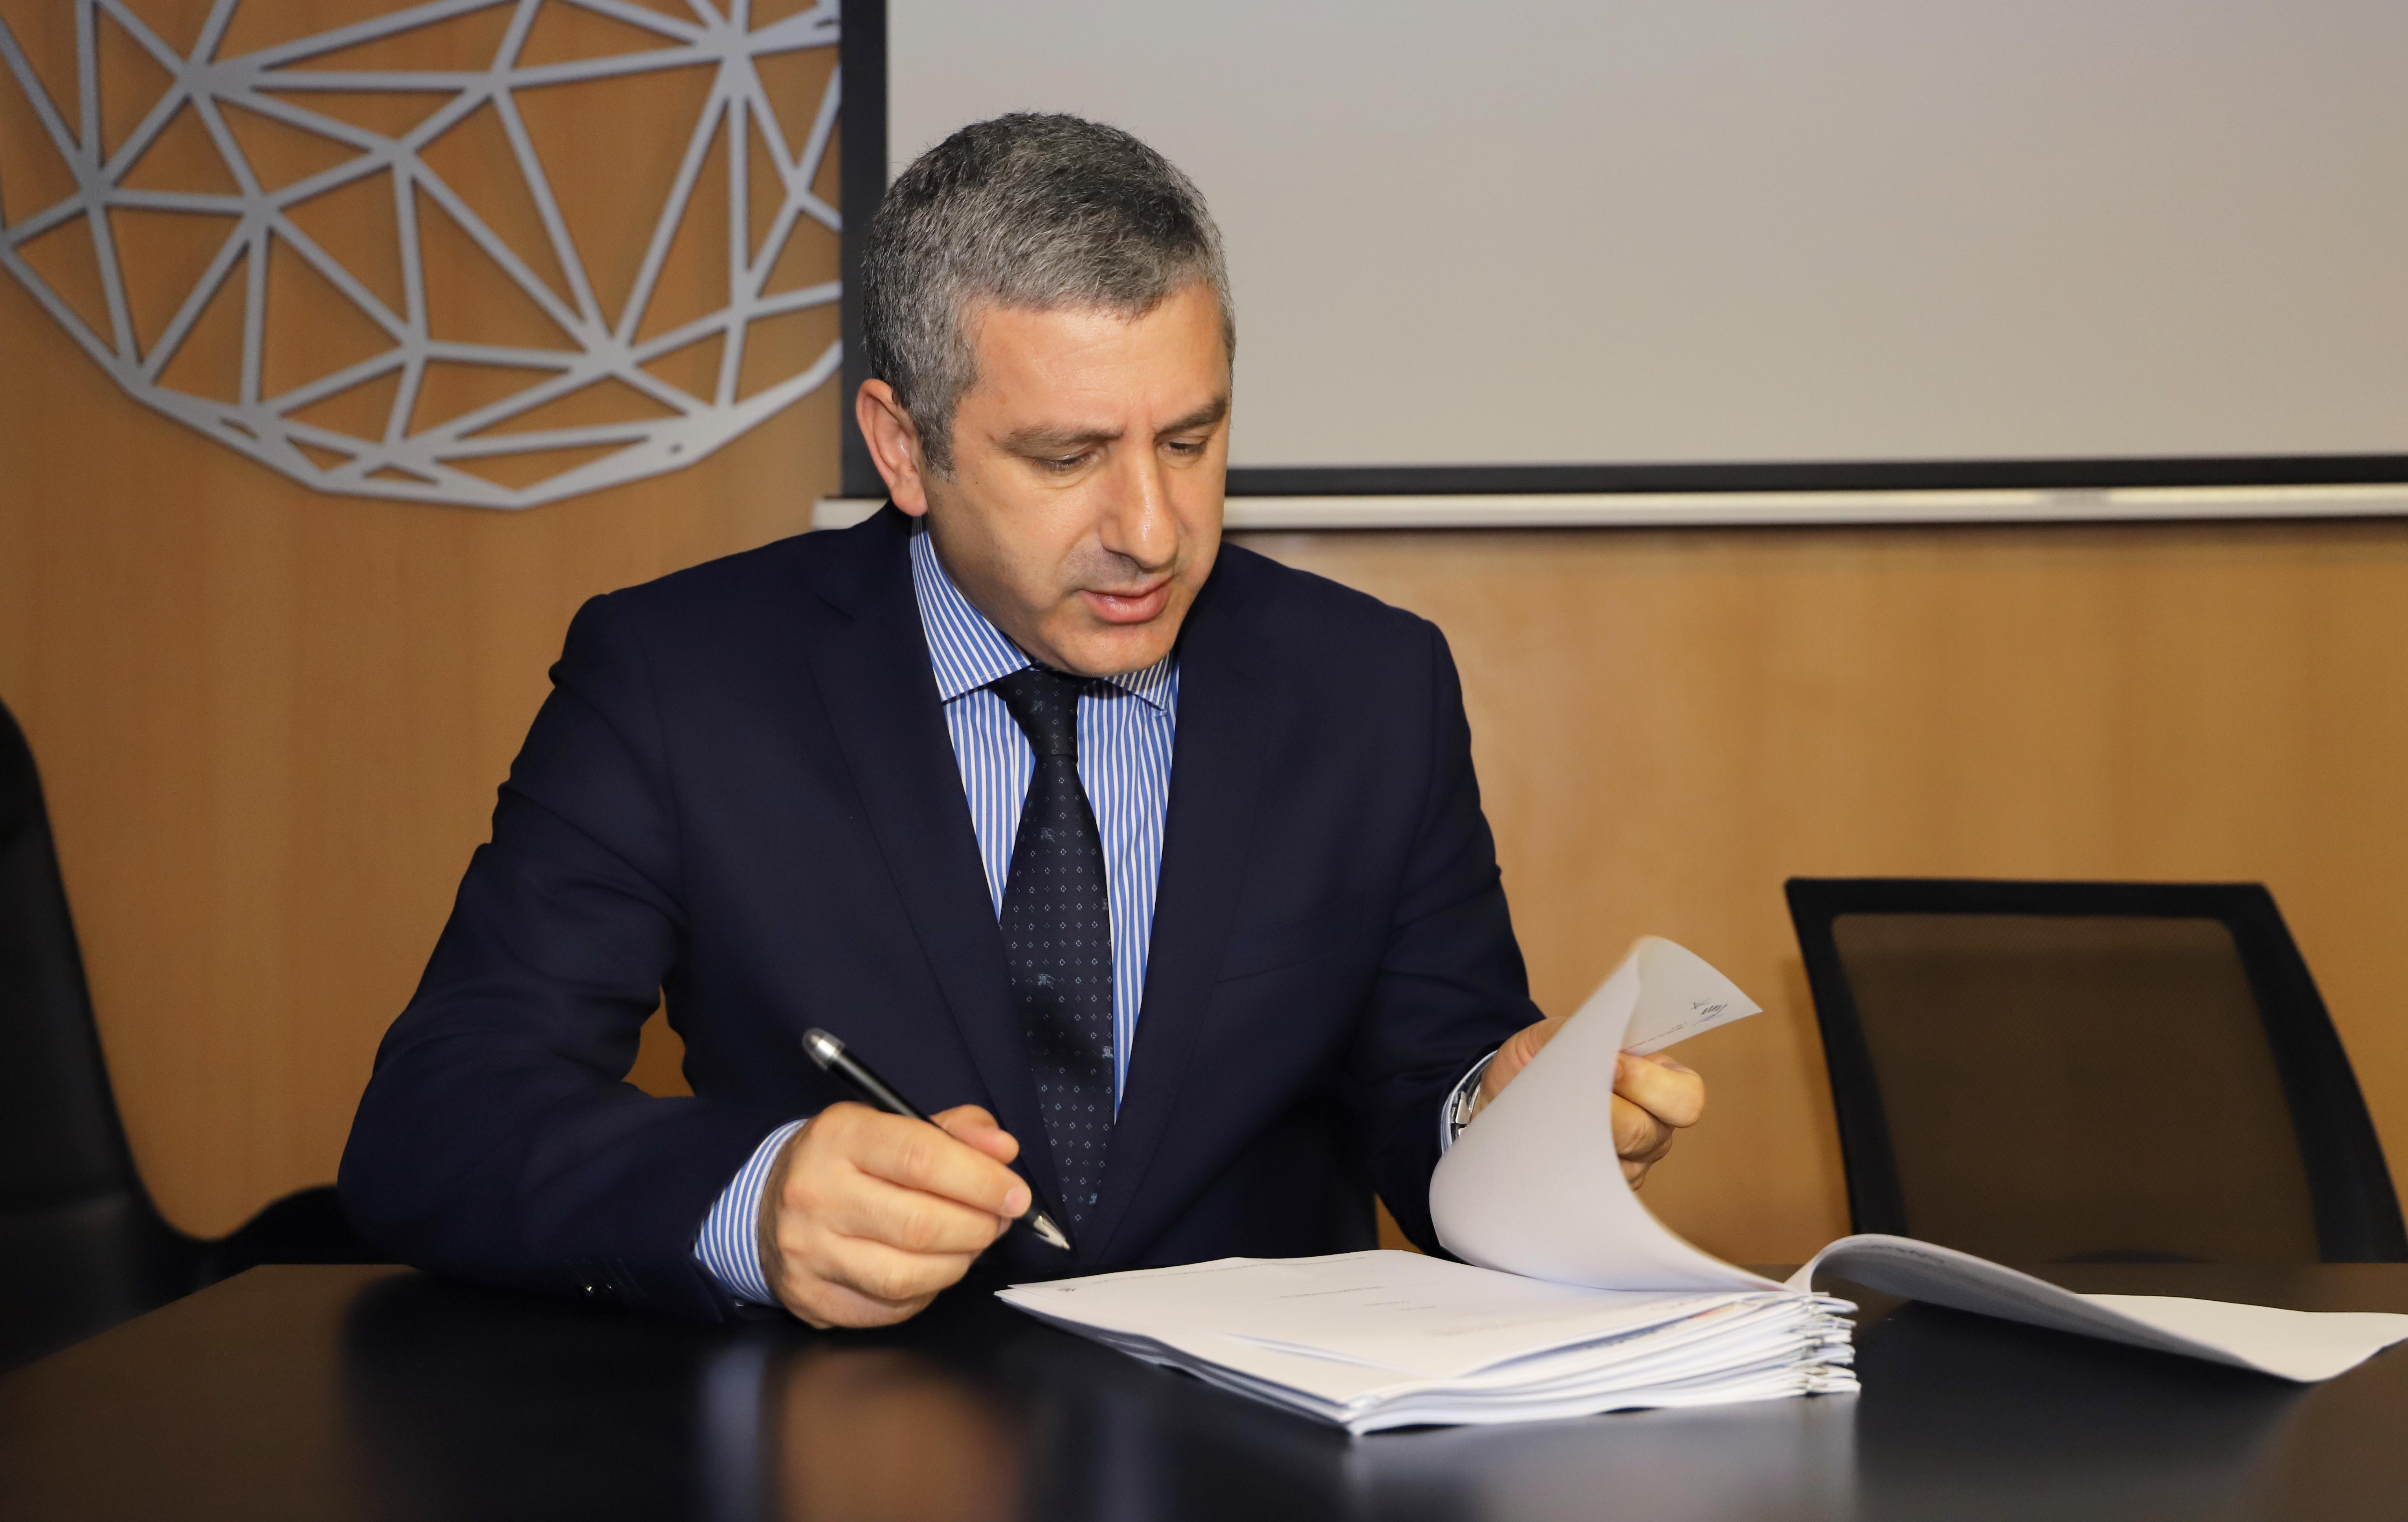 Acordo-Quadro para a concessão de exploração de máquinas de venda automática na área da saúde_dr artur